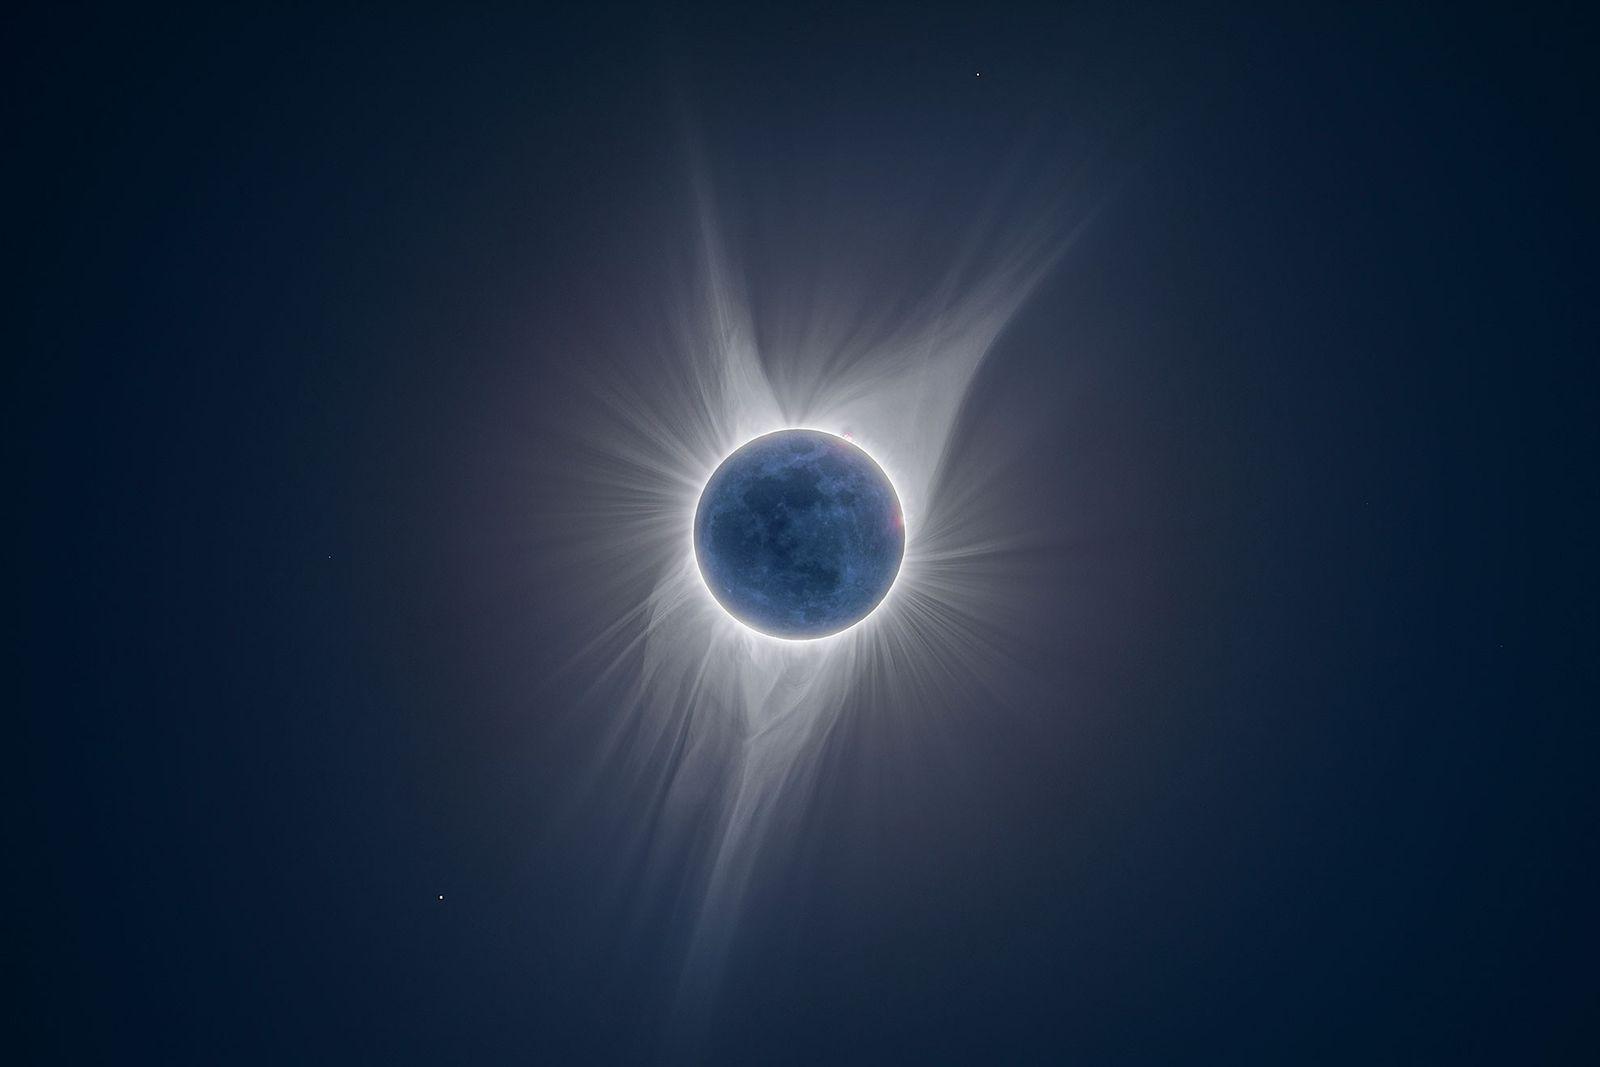 Auf diesem Bild, das während einer totalen Sonnenfinsternis in Jackson Hole im US-Bundesstaat Wyoming entstand, sind ...